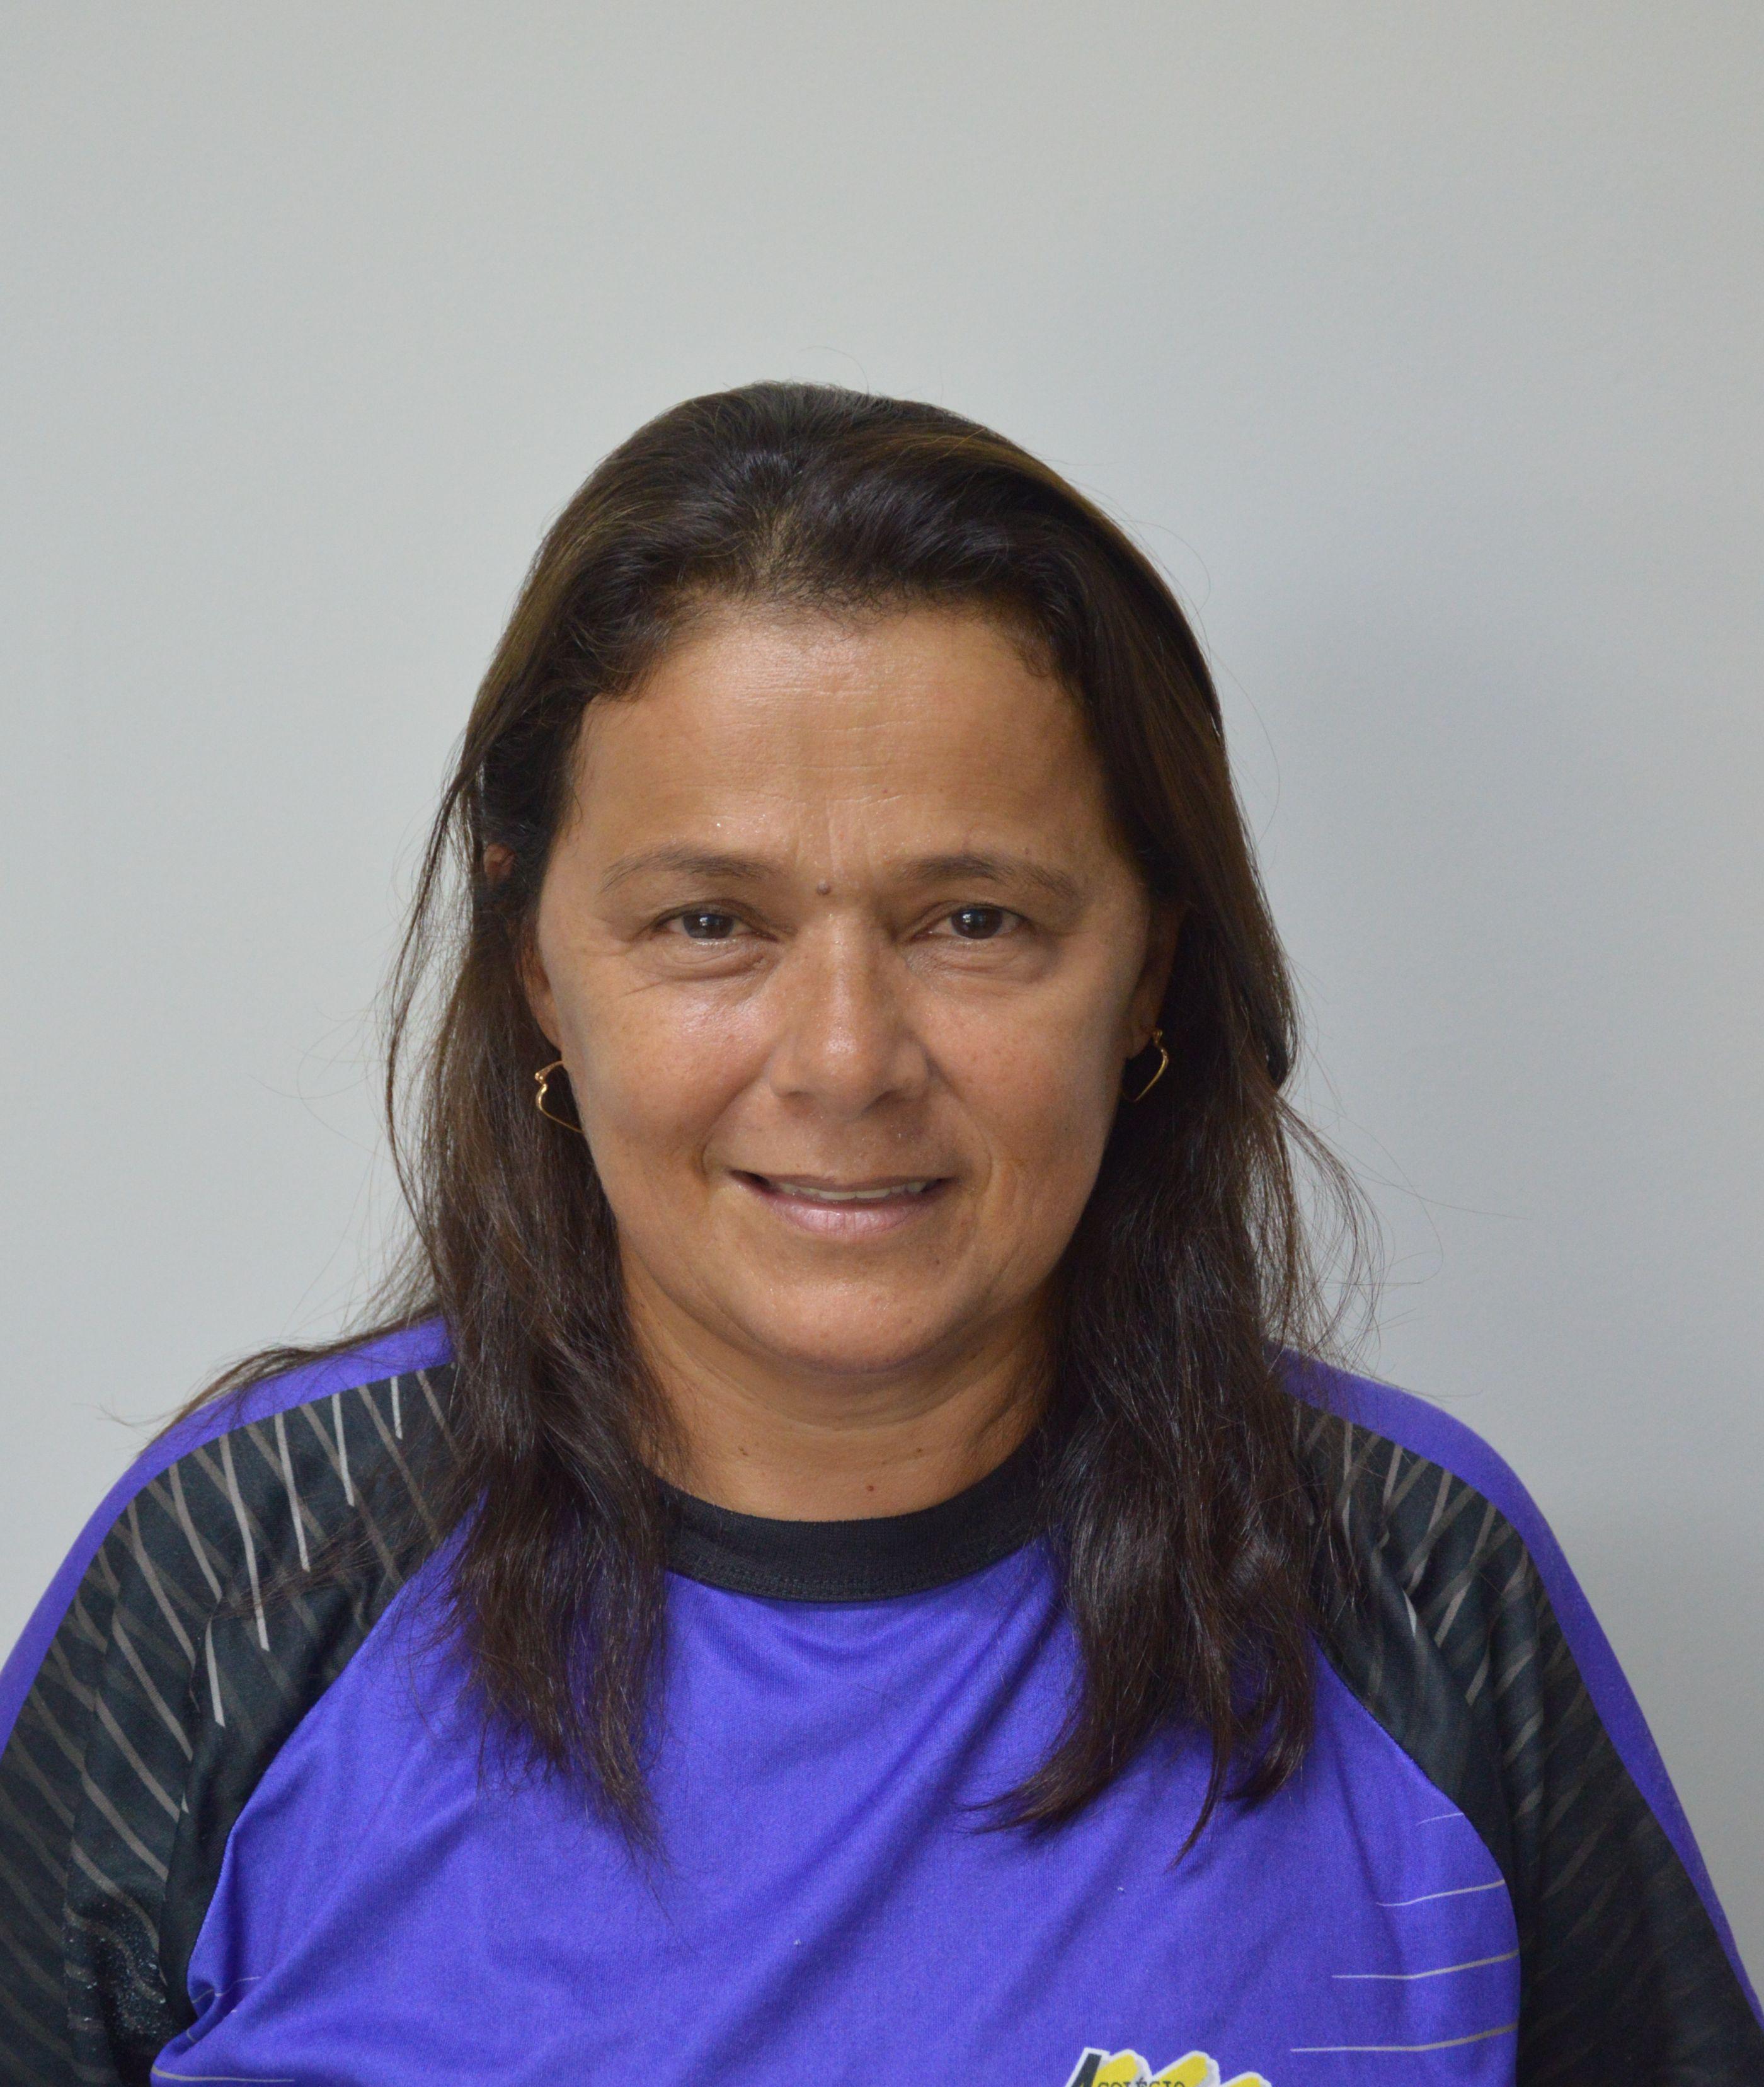 Ana Paula Fontes Andrade